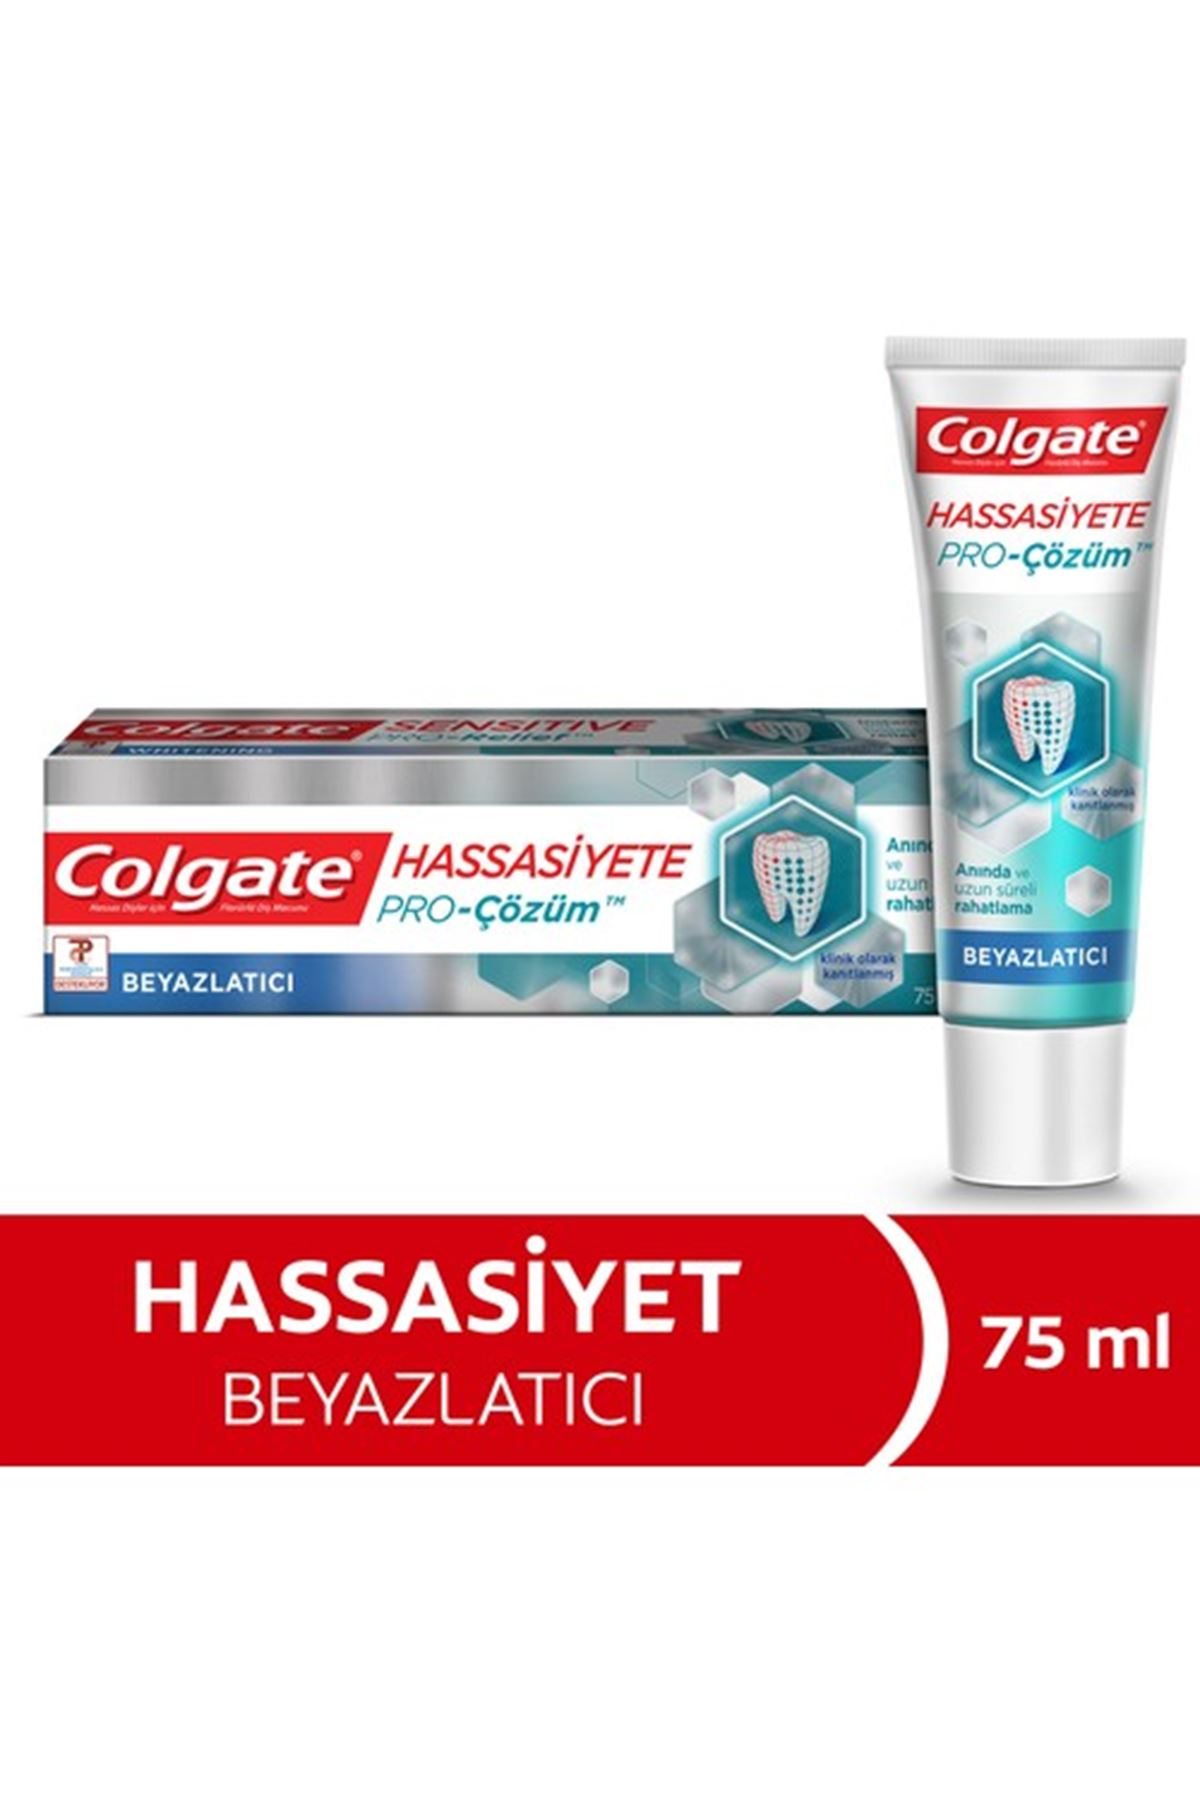 Colgate Hassasiyete Pro Çözüm Beyazlatıcı Diş Macunu 75 Ml